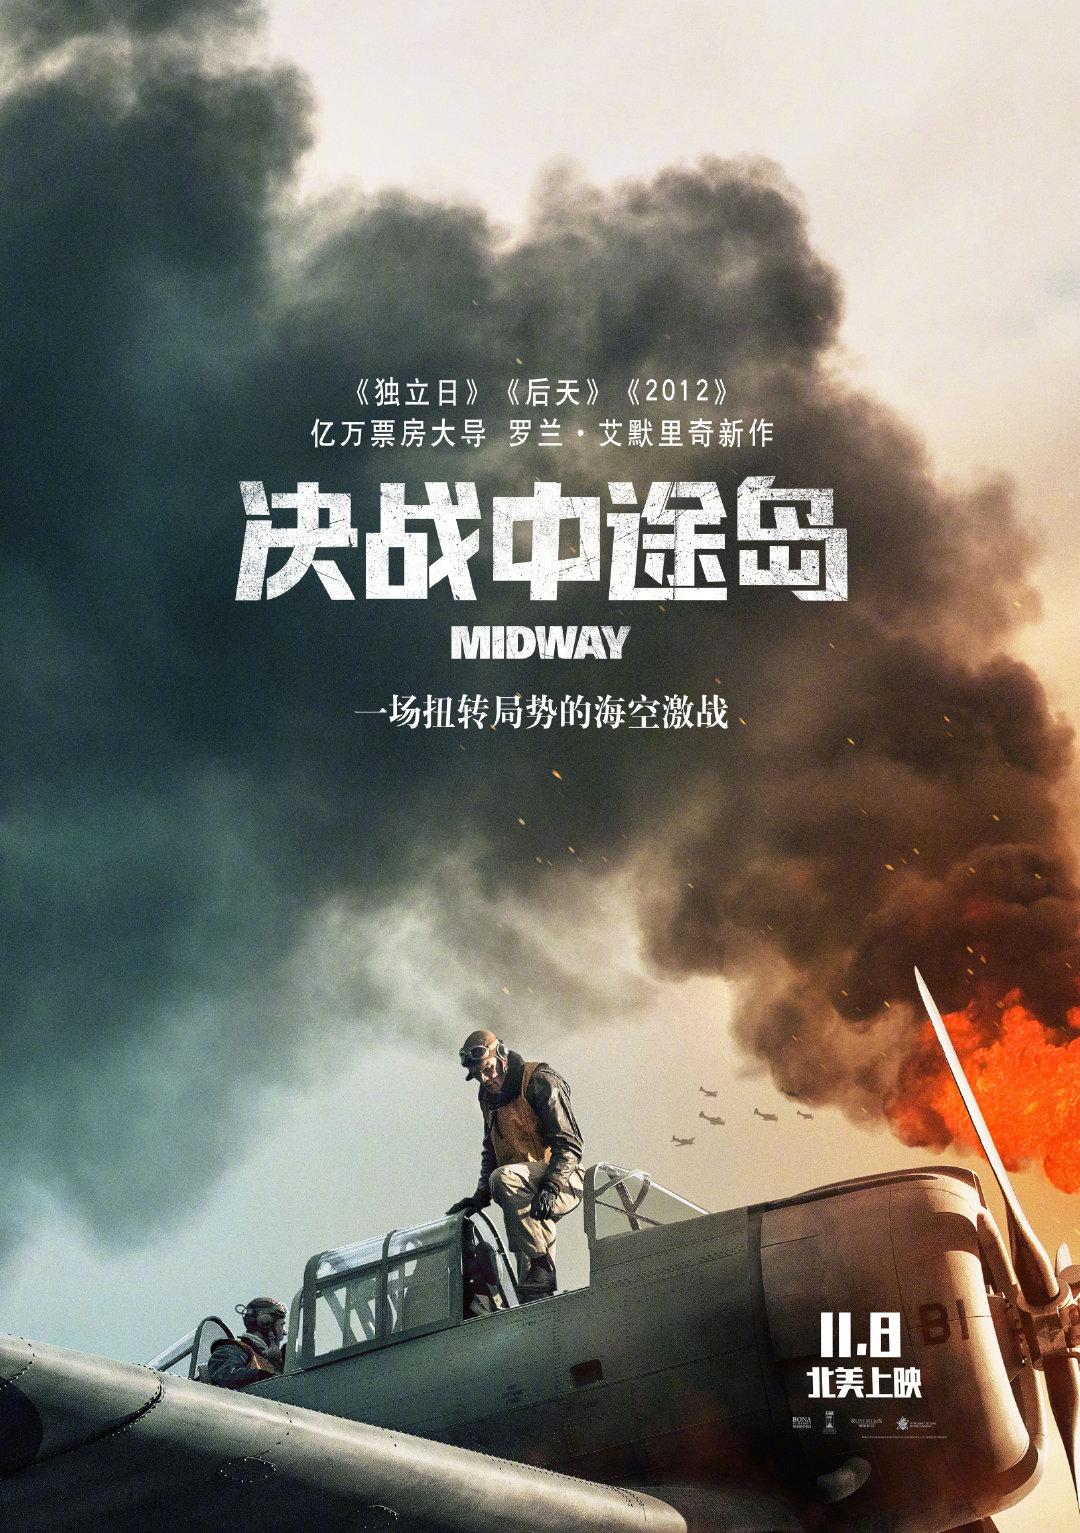 <b>《中途岛》电影首曝中文海报 《2019》导演执导</b>